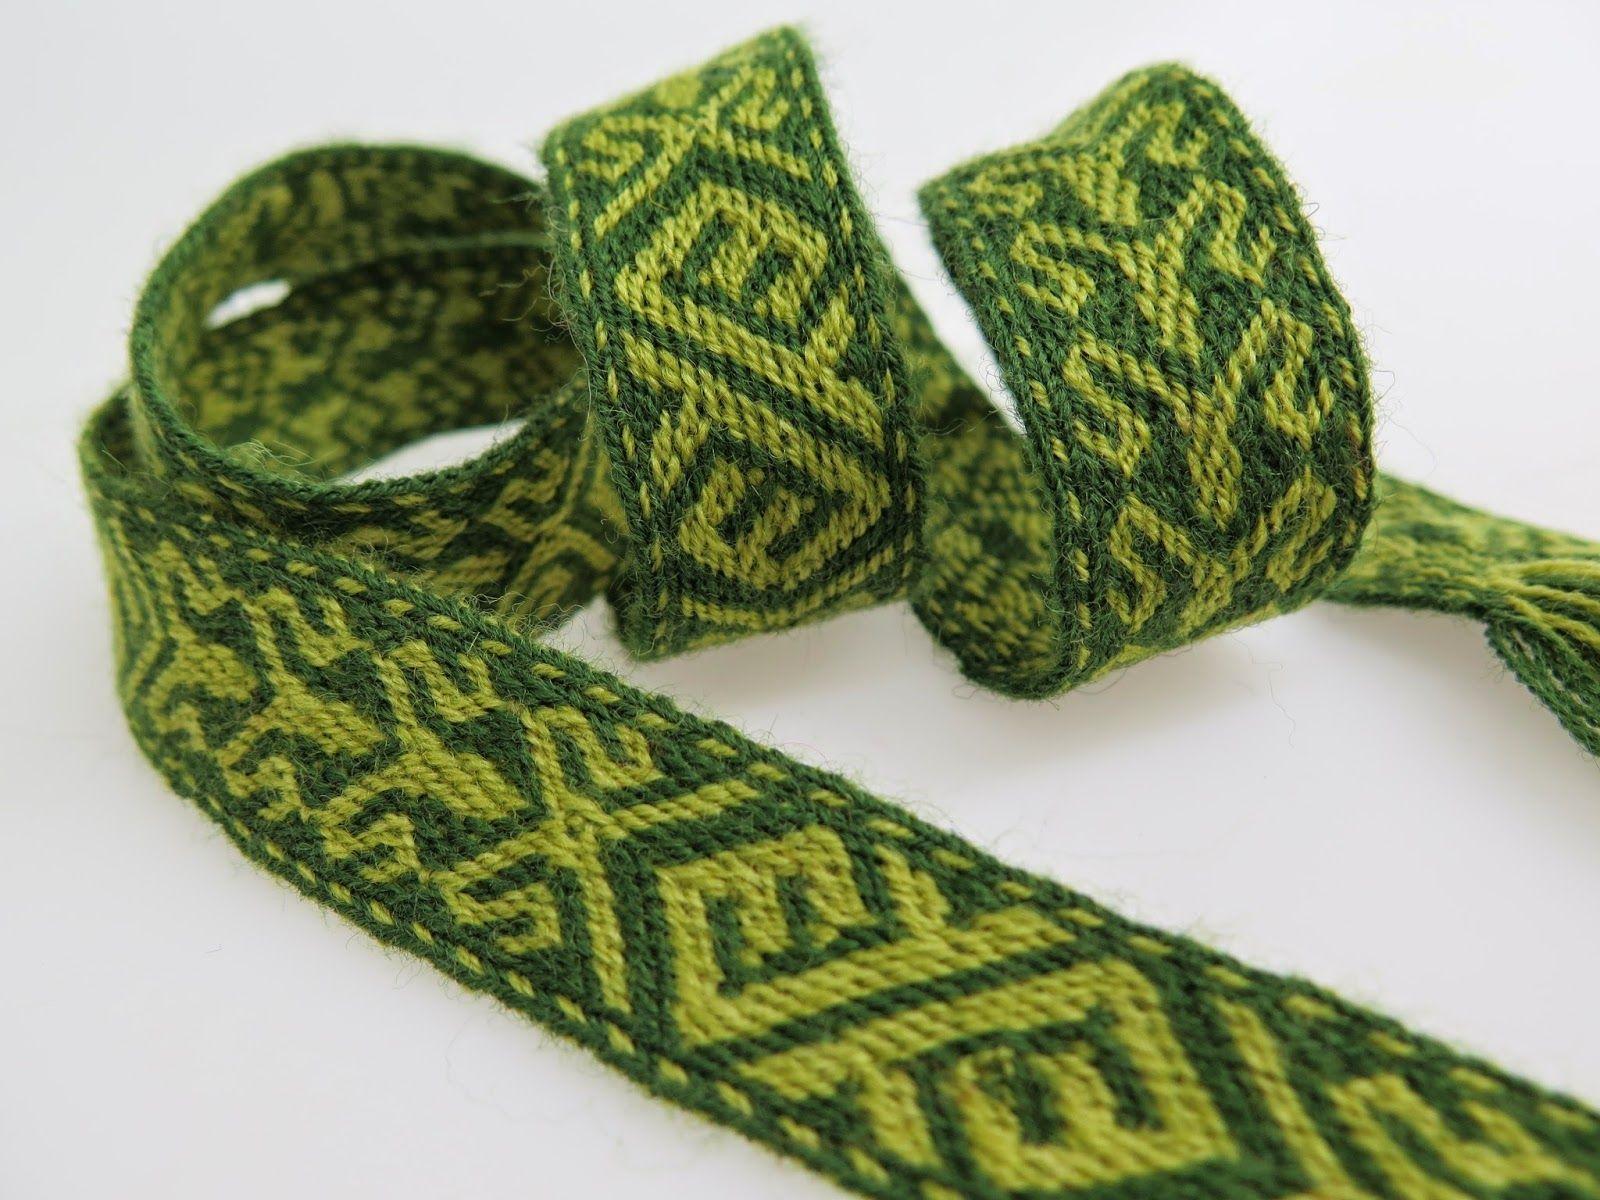 Hibernaatiopesäke: Lautanauhaohje: Birka 21 / new tablet weaving ...